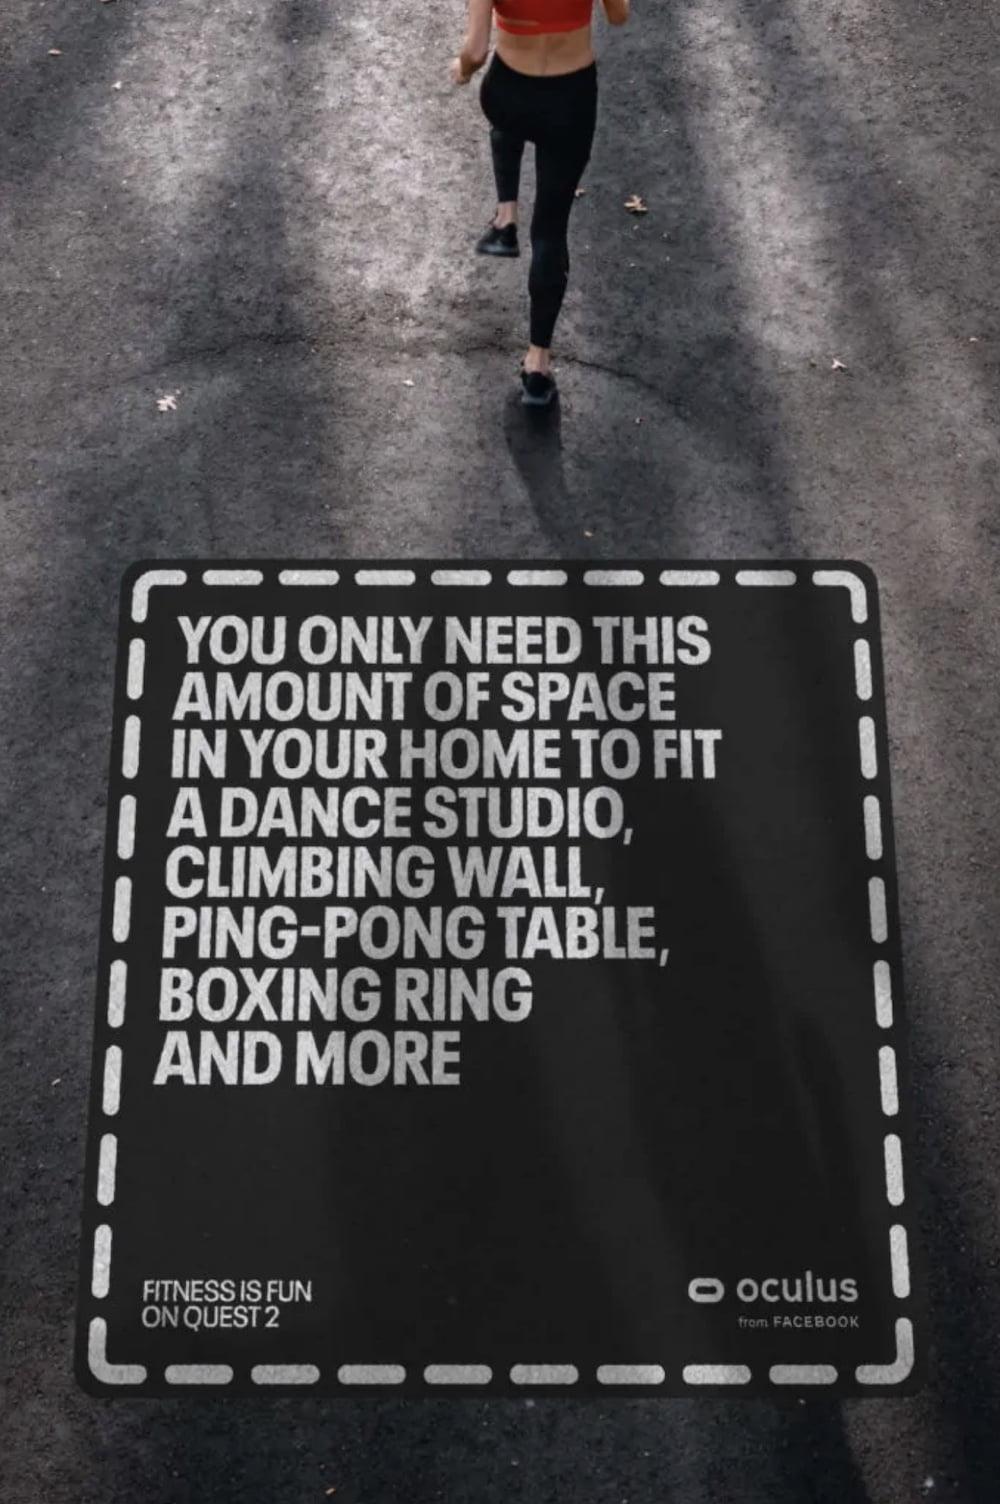 Facebook_Werbung_Fitness_Is_Fun_Boden_Guardian